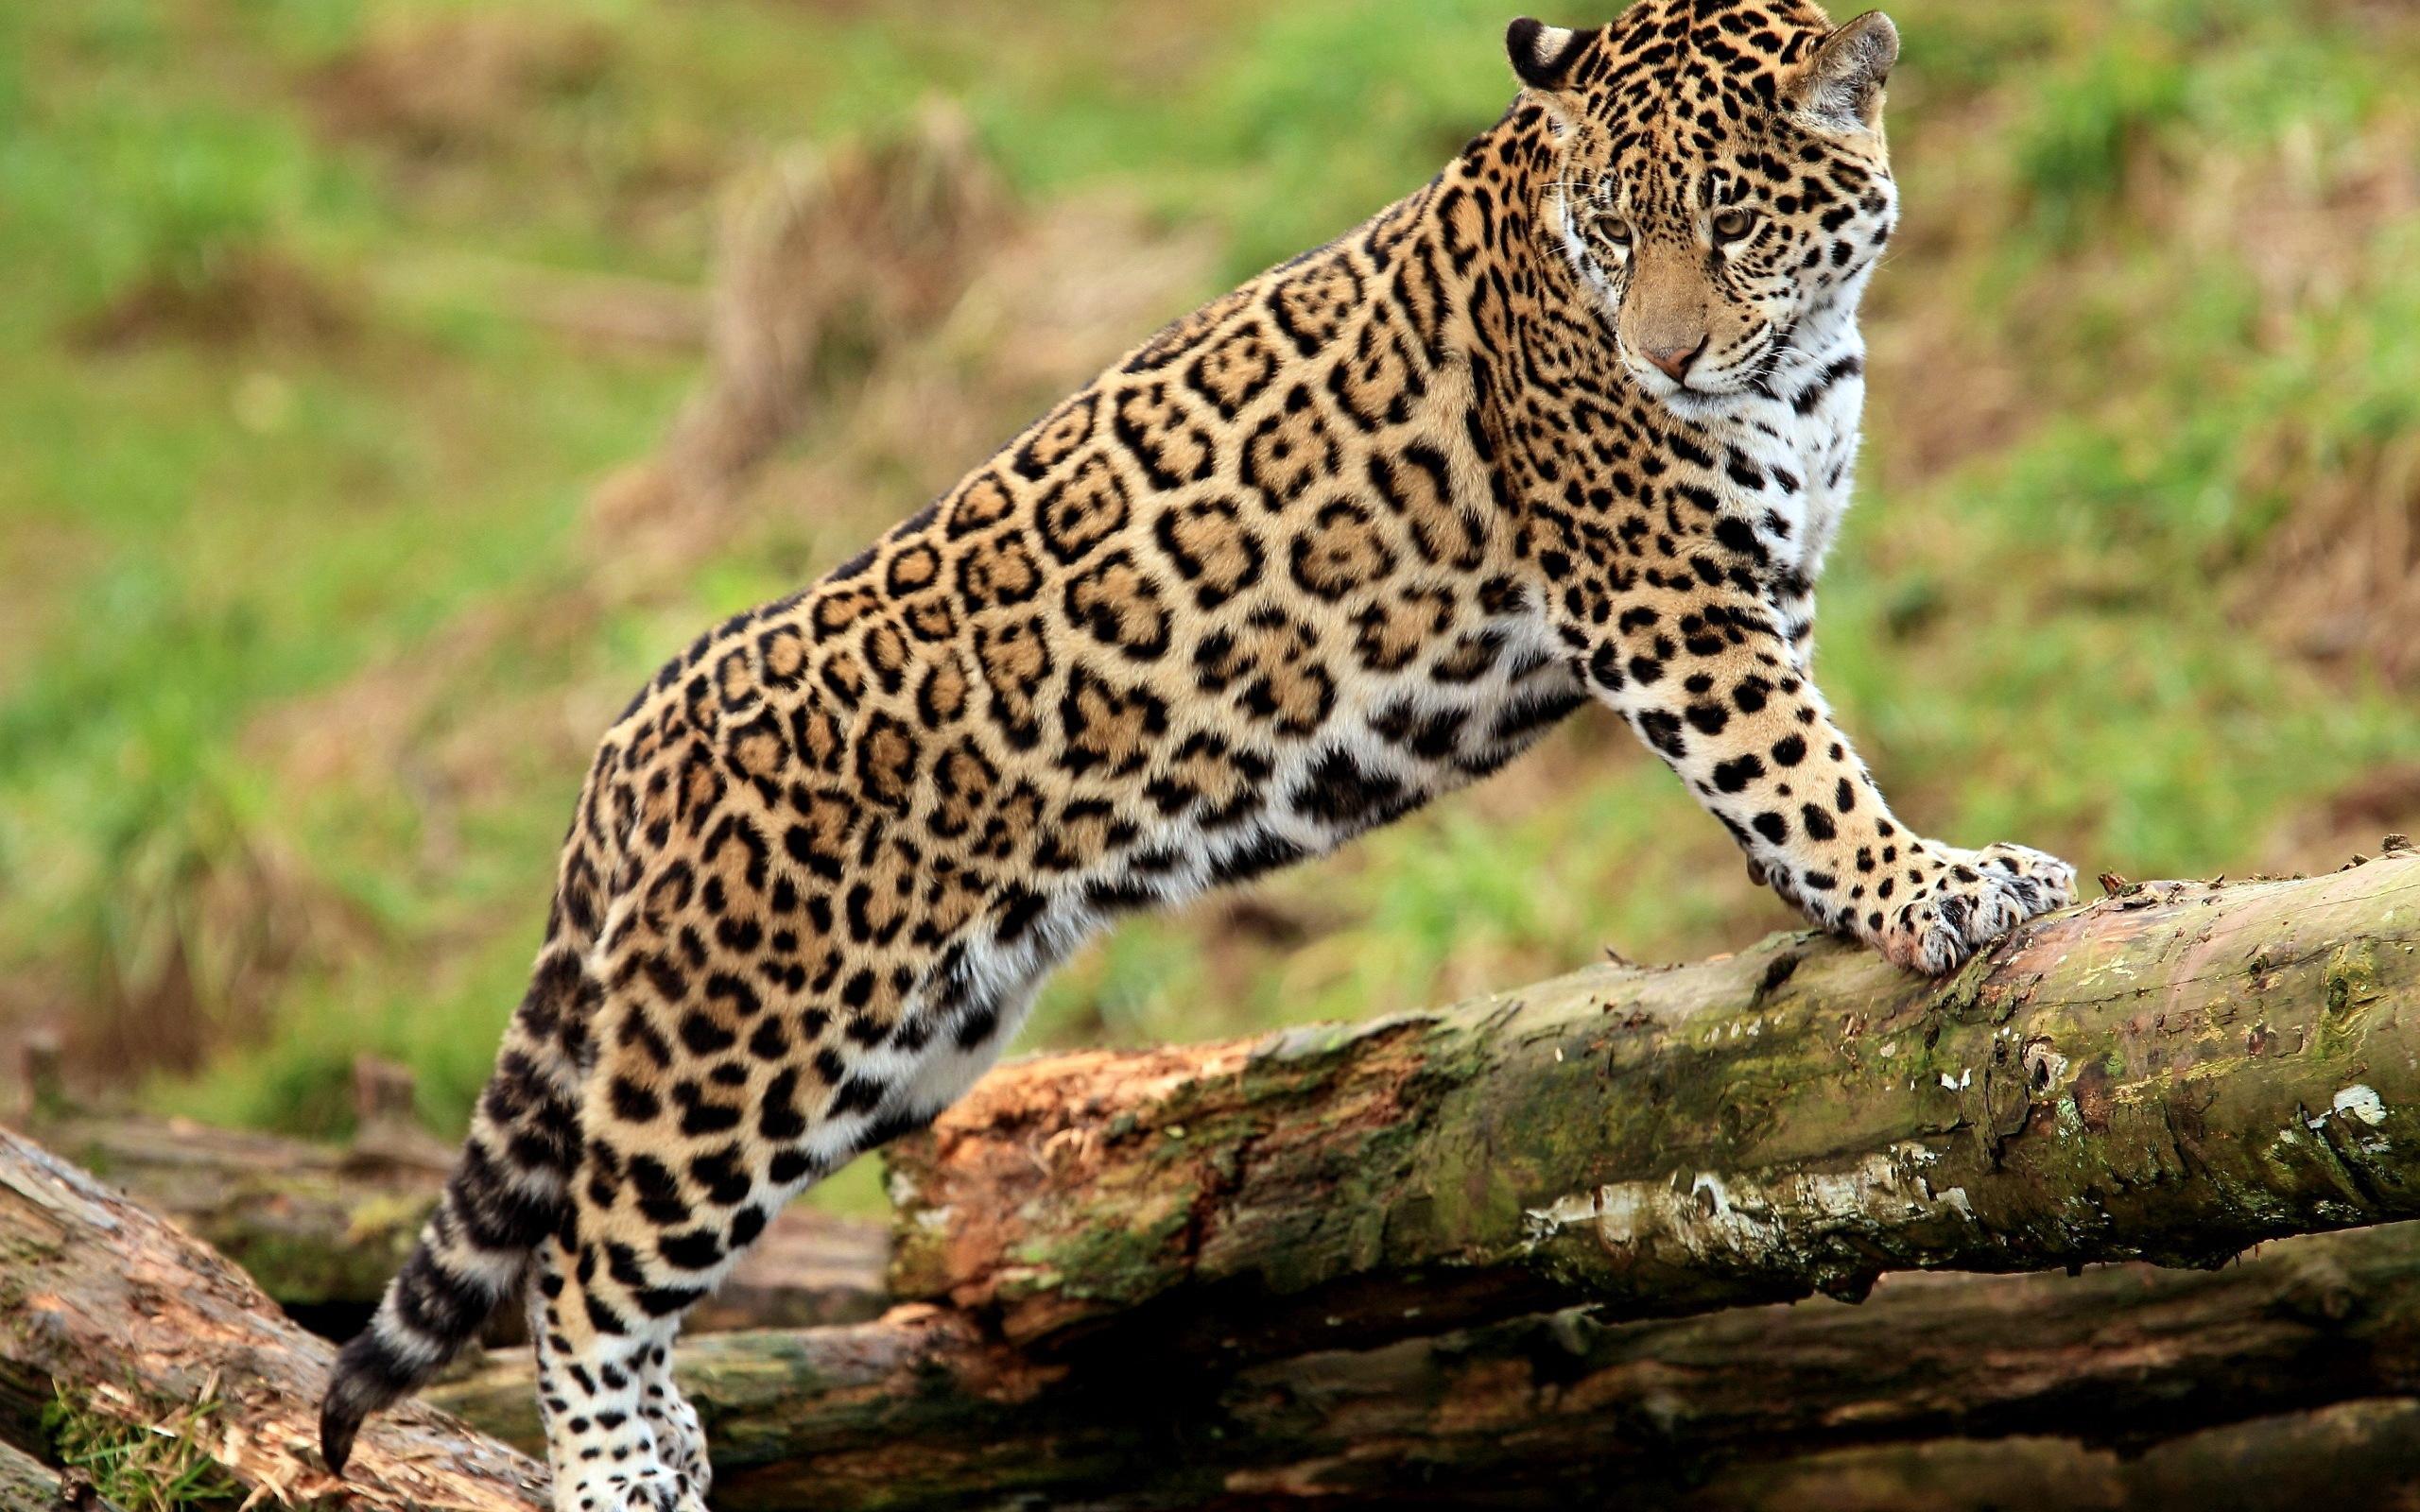 леопард, хищник, грация